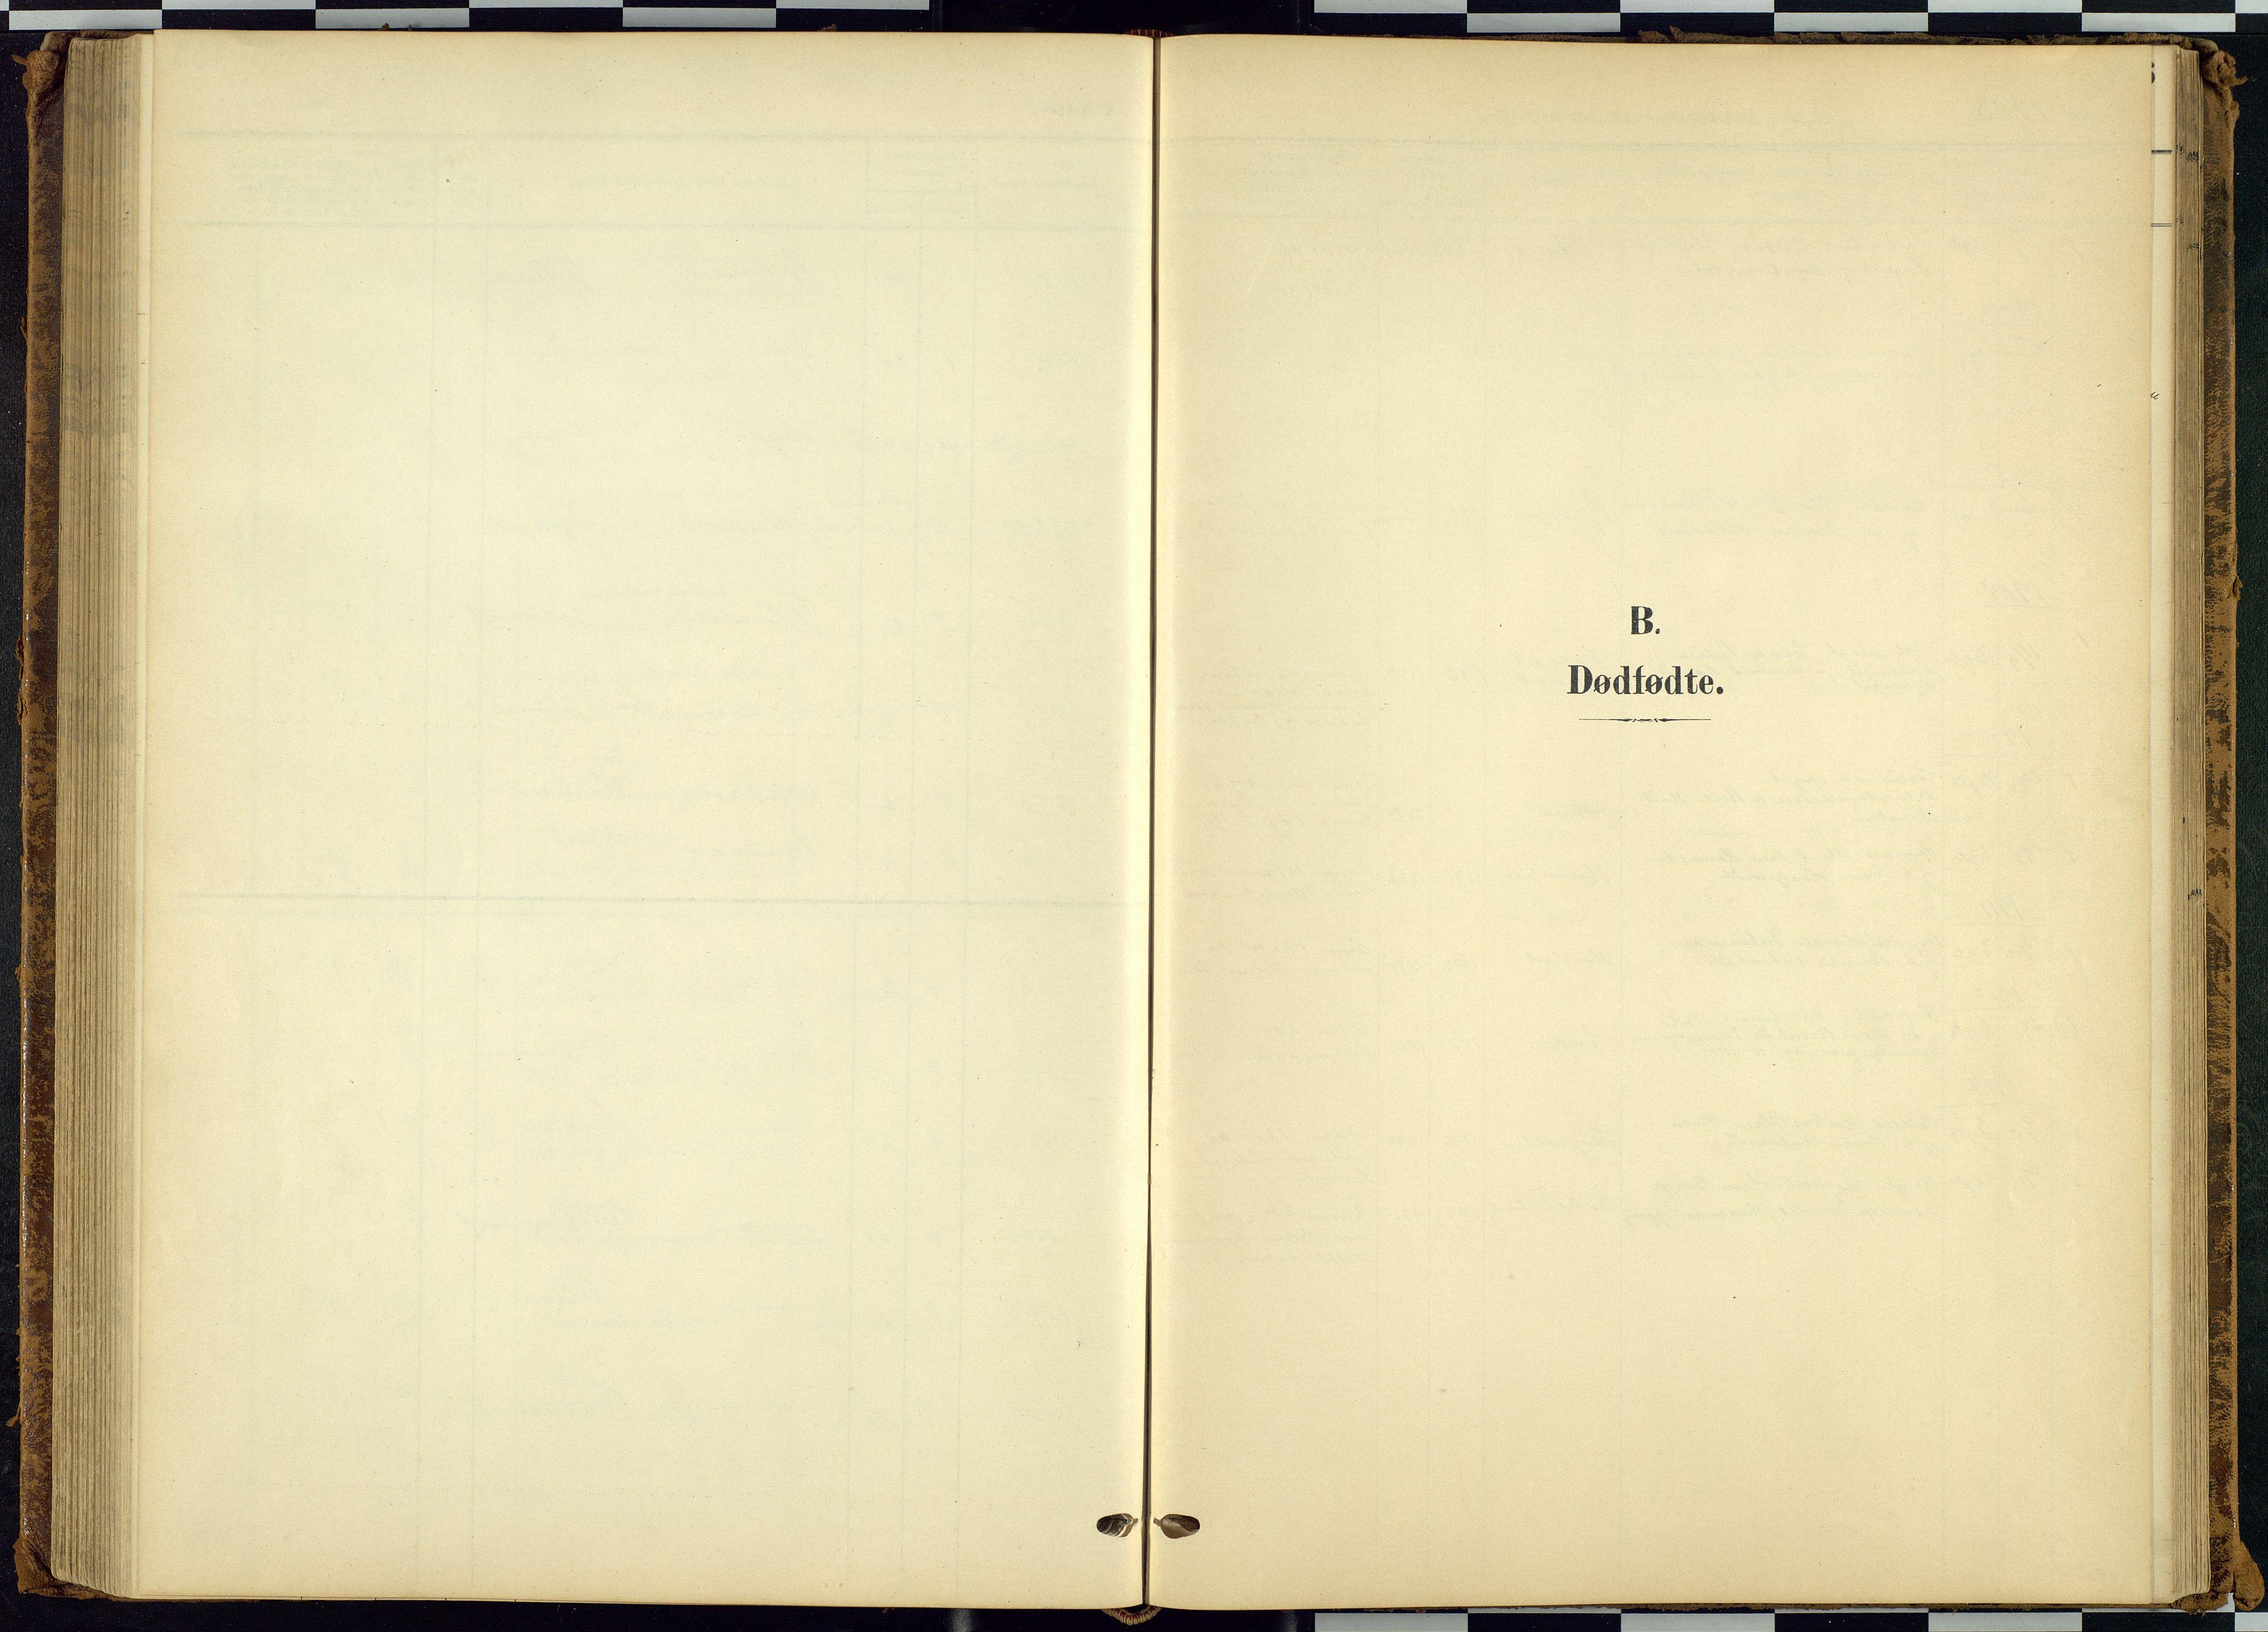 SAH, Rendalen prestekontor, H/Ha/Hab/L0010: Klokkerbok nr. 10, 1903-1940, s. 156